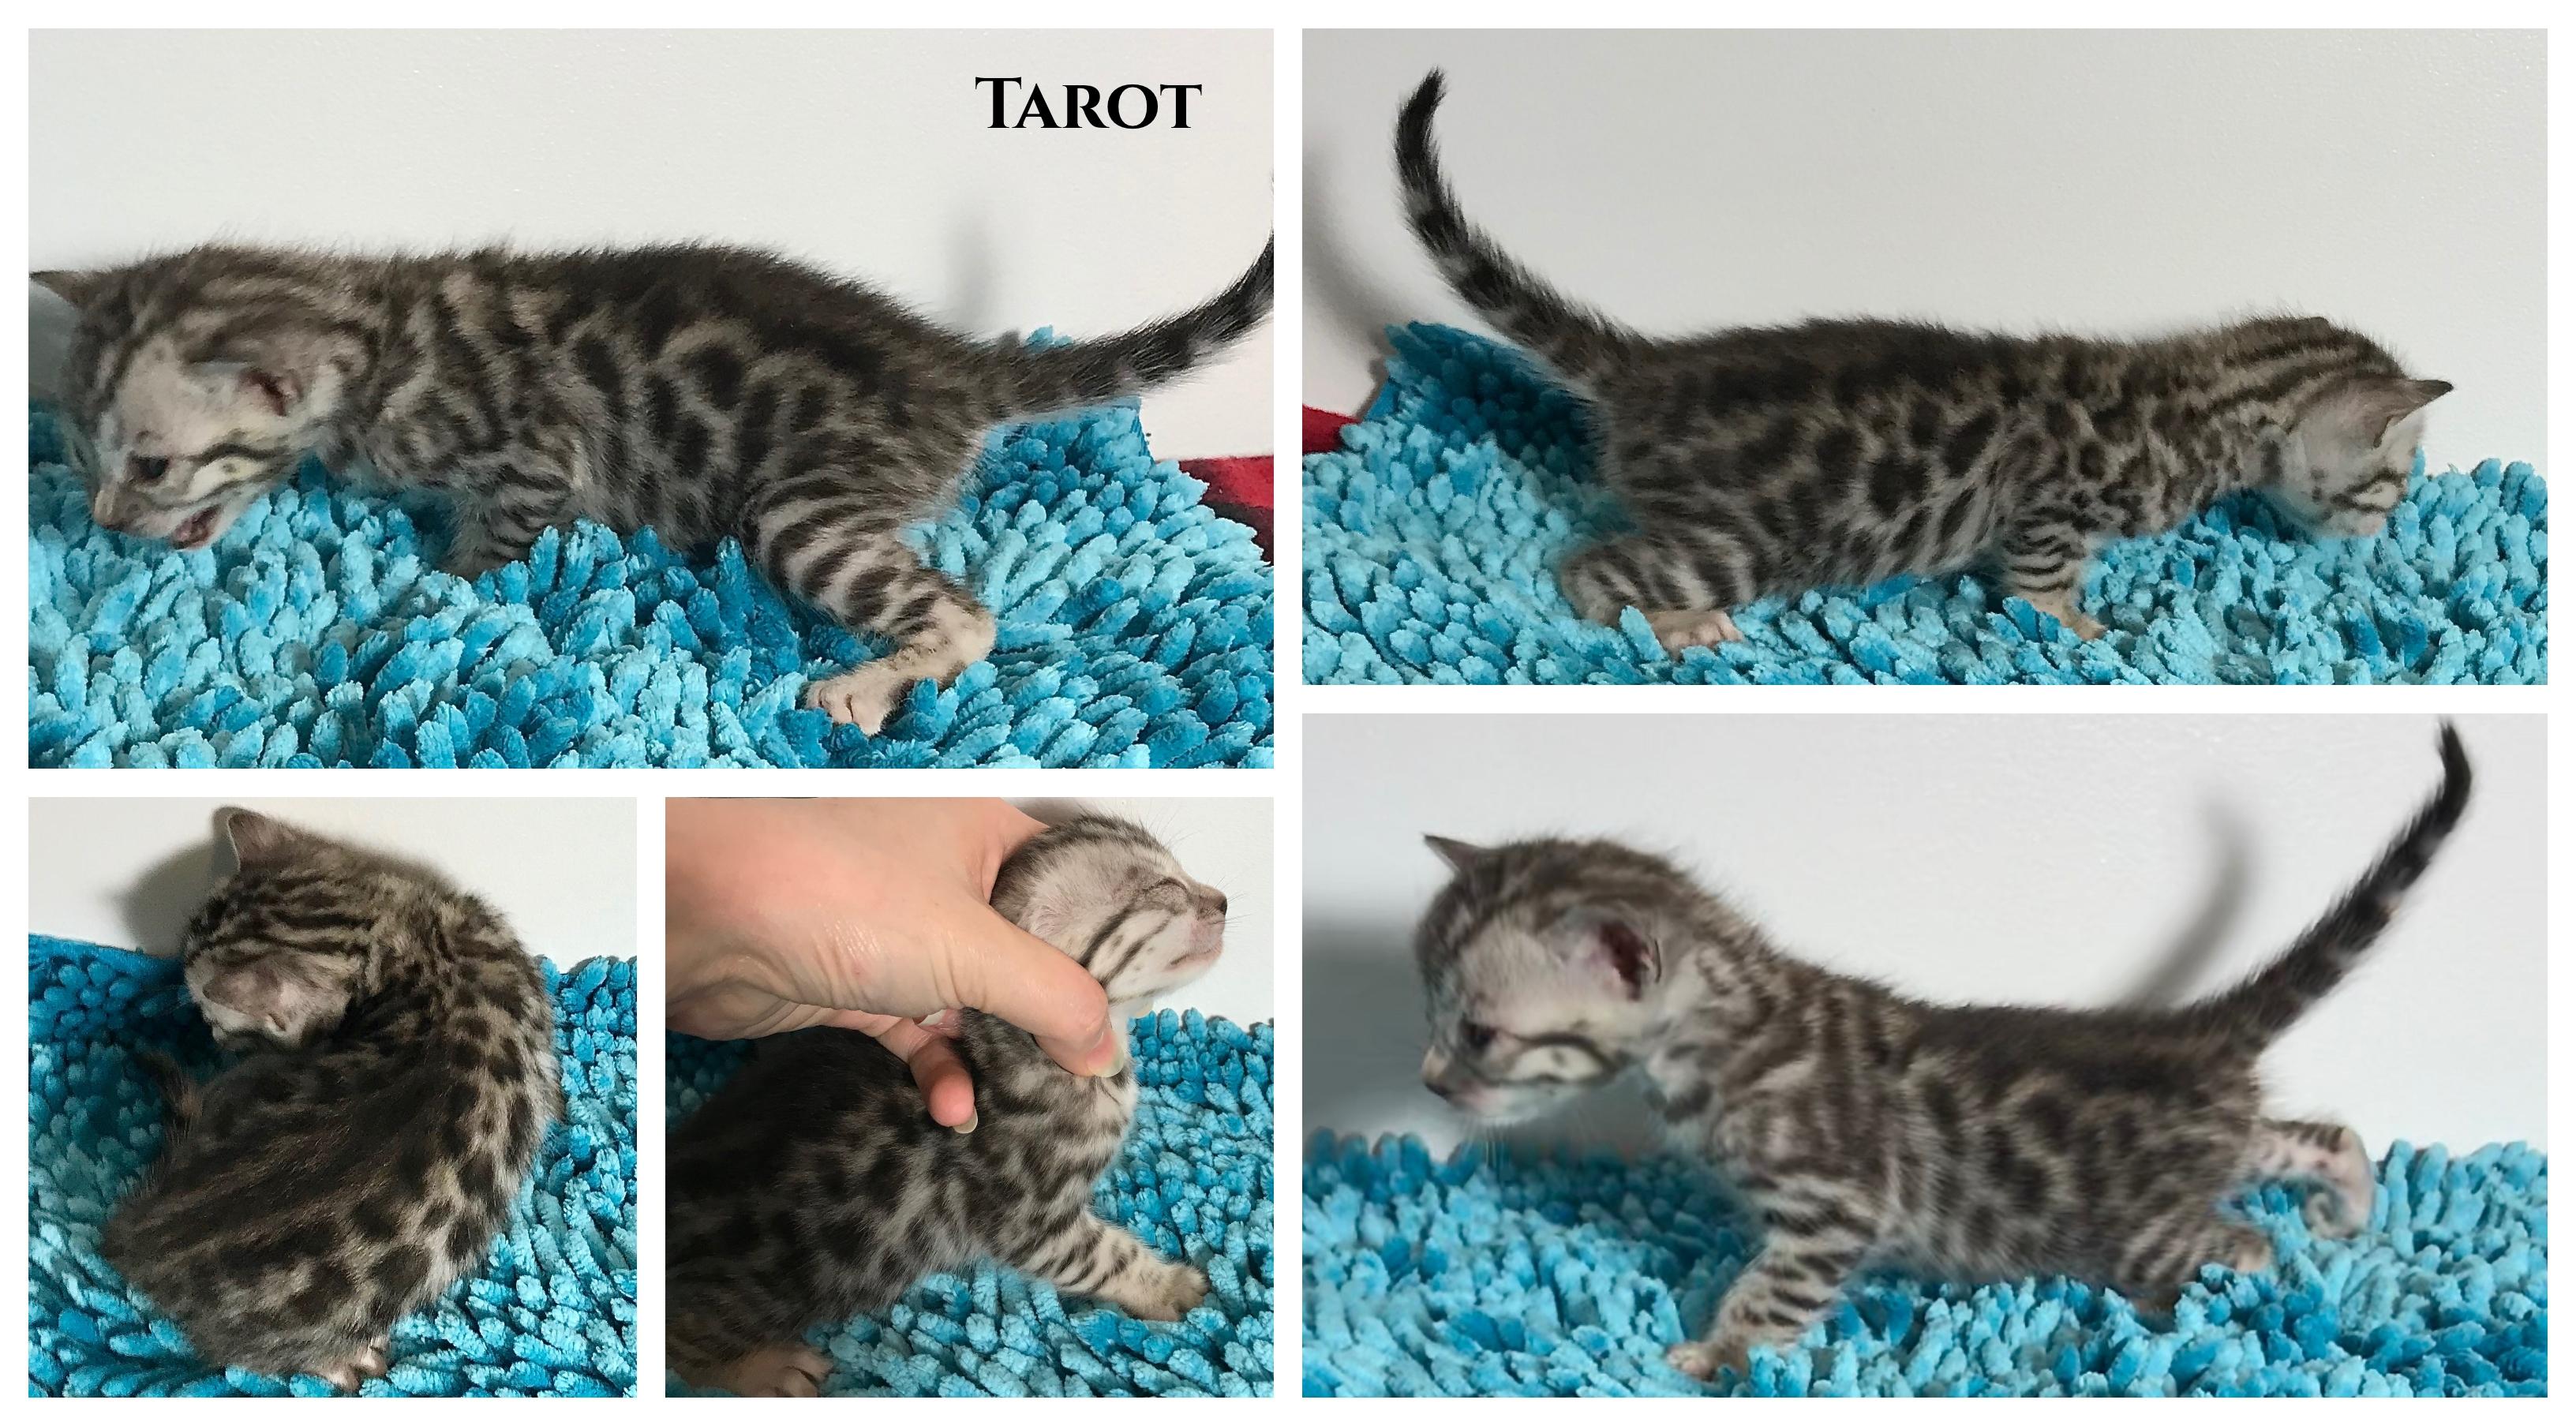 Tarot 3 weeks